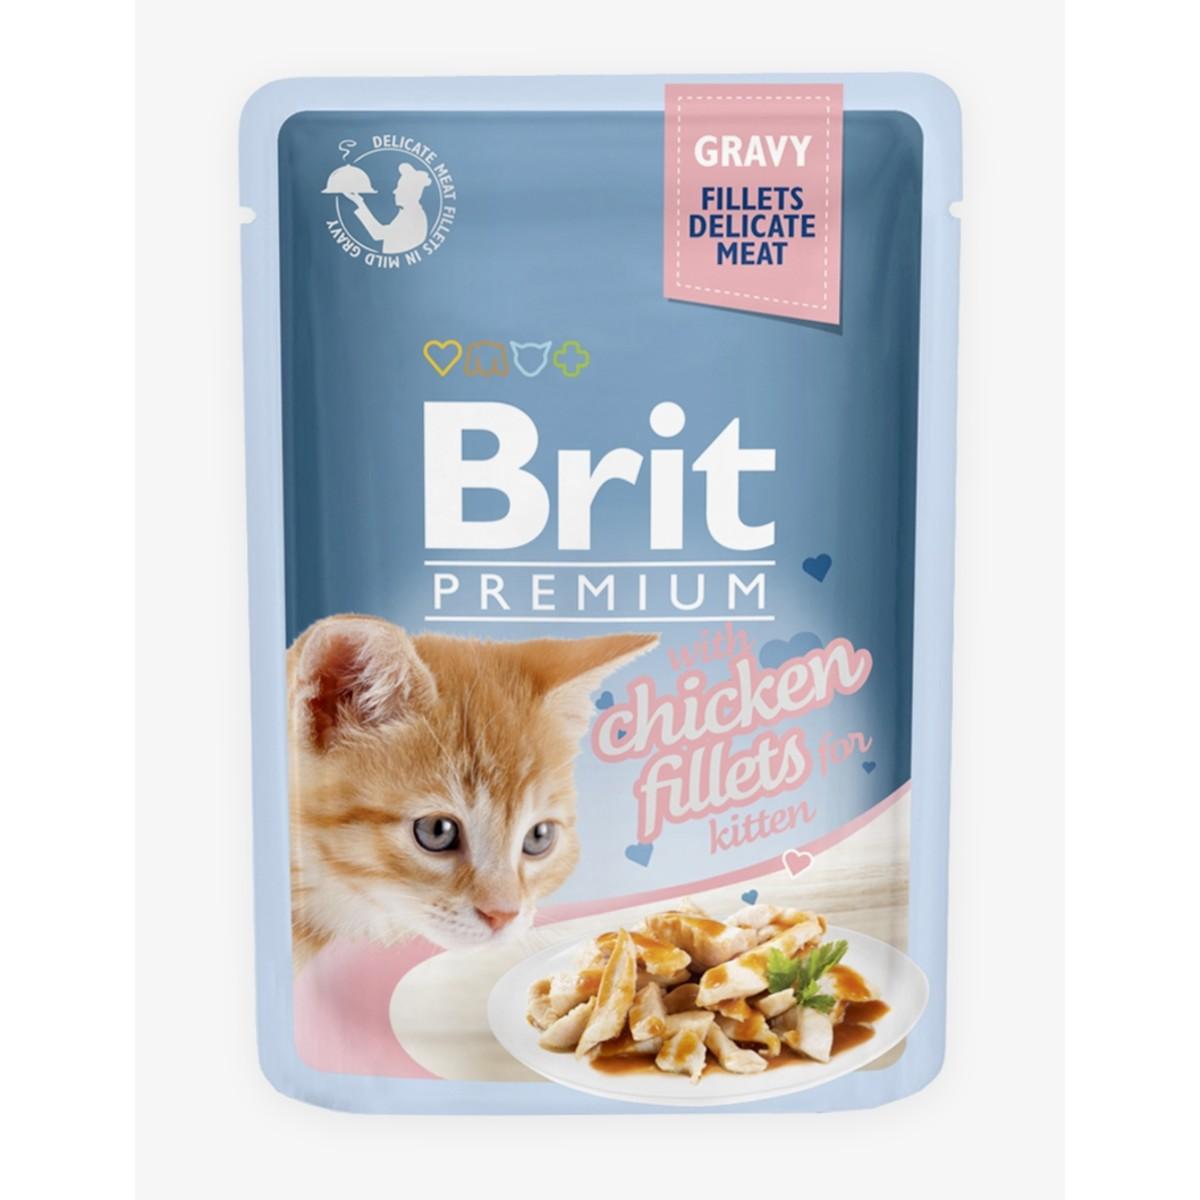 Влажный корм для котят BRIT Premium Gravy Chiсken fillets for kitten Кусочки Куриного филе в соусе 85 г 24 шт.